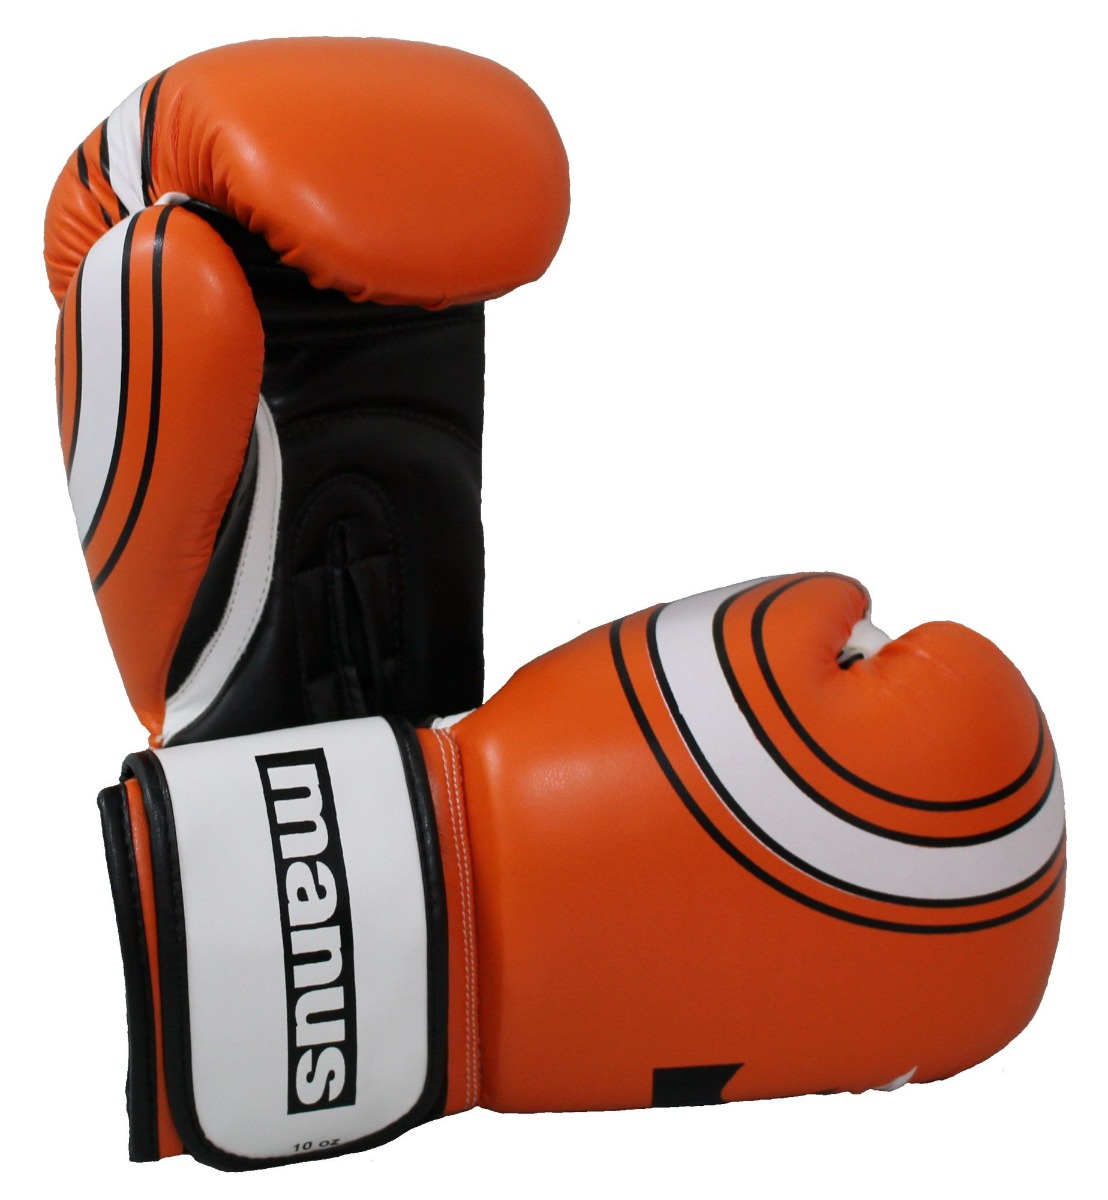 Bokshandschoenen / sparringshandschoenen Oranje - Wit